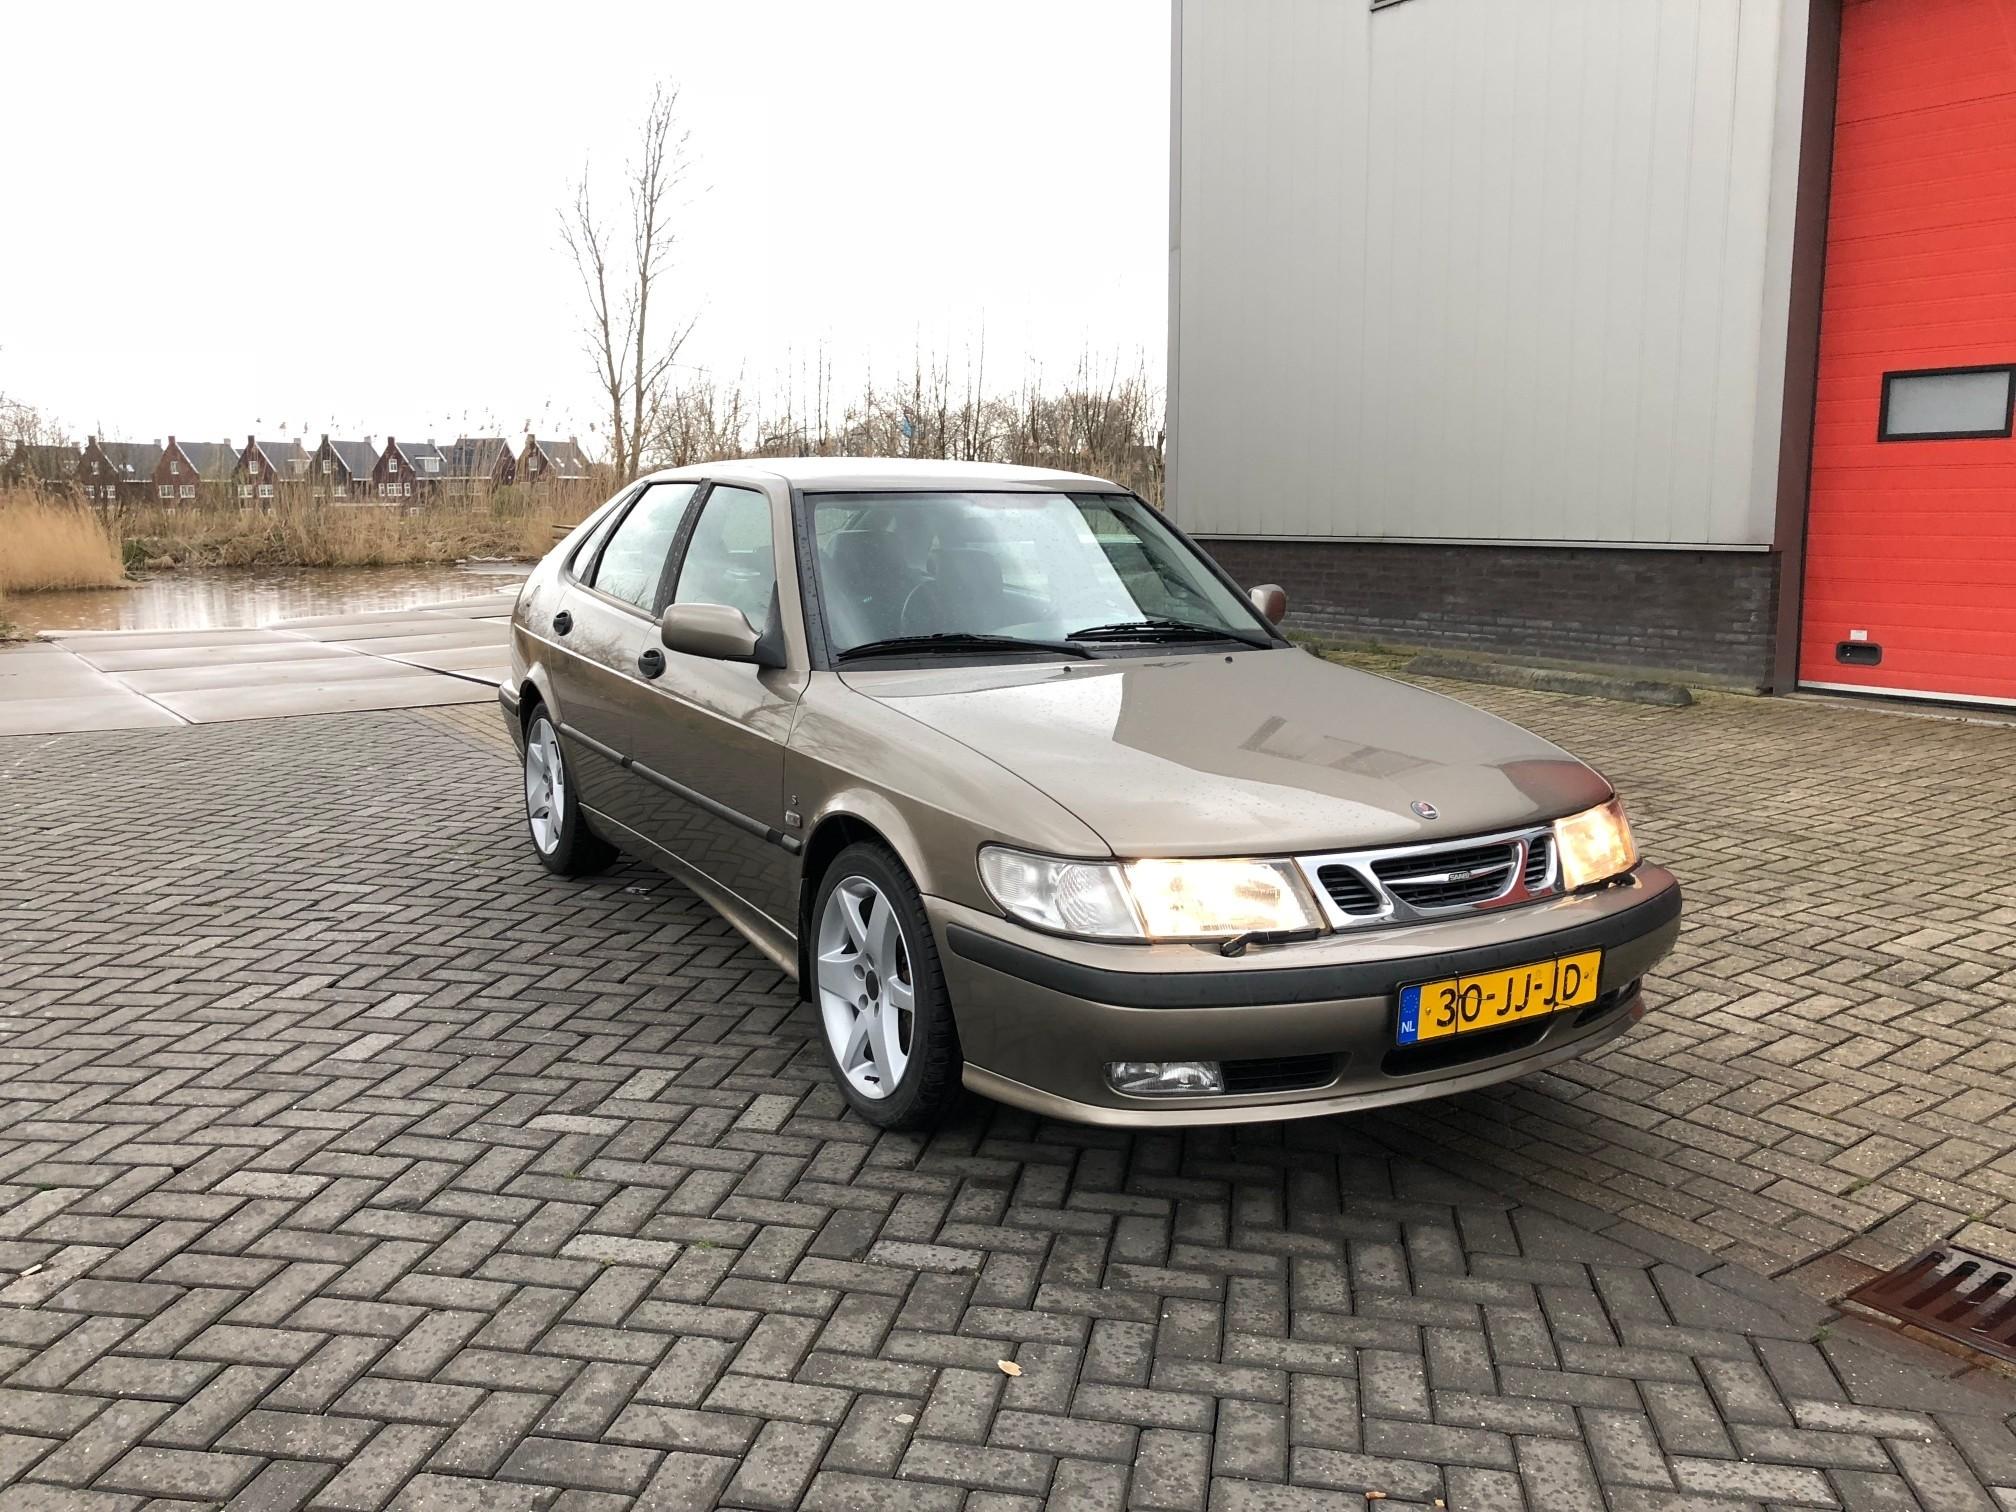 Saab 9-3 S, 2.0t, Hazelnut metallic, 186.511km